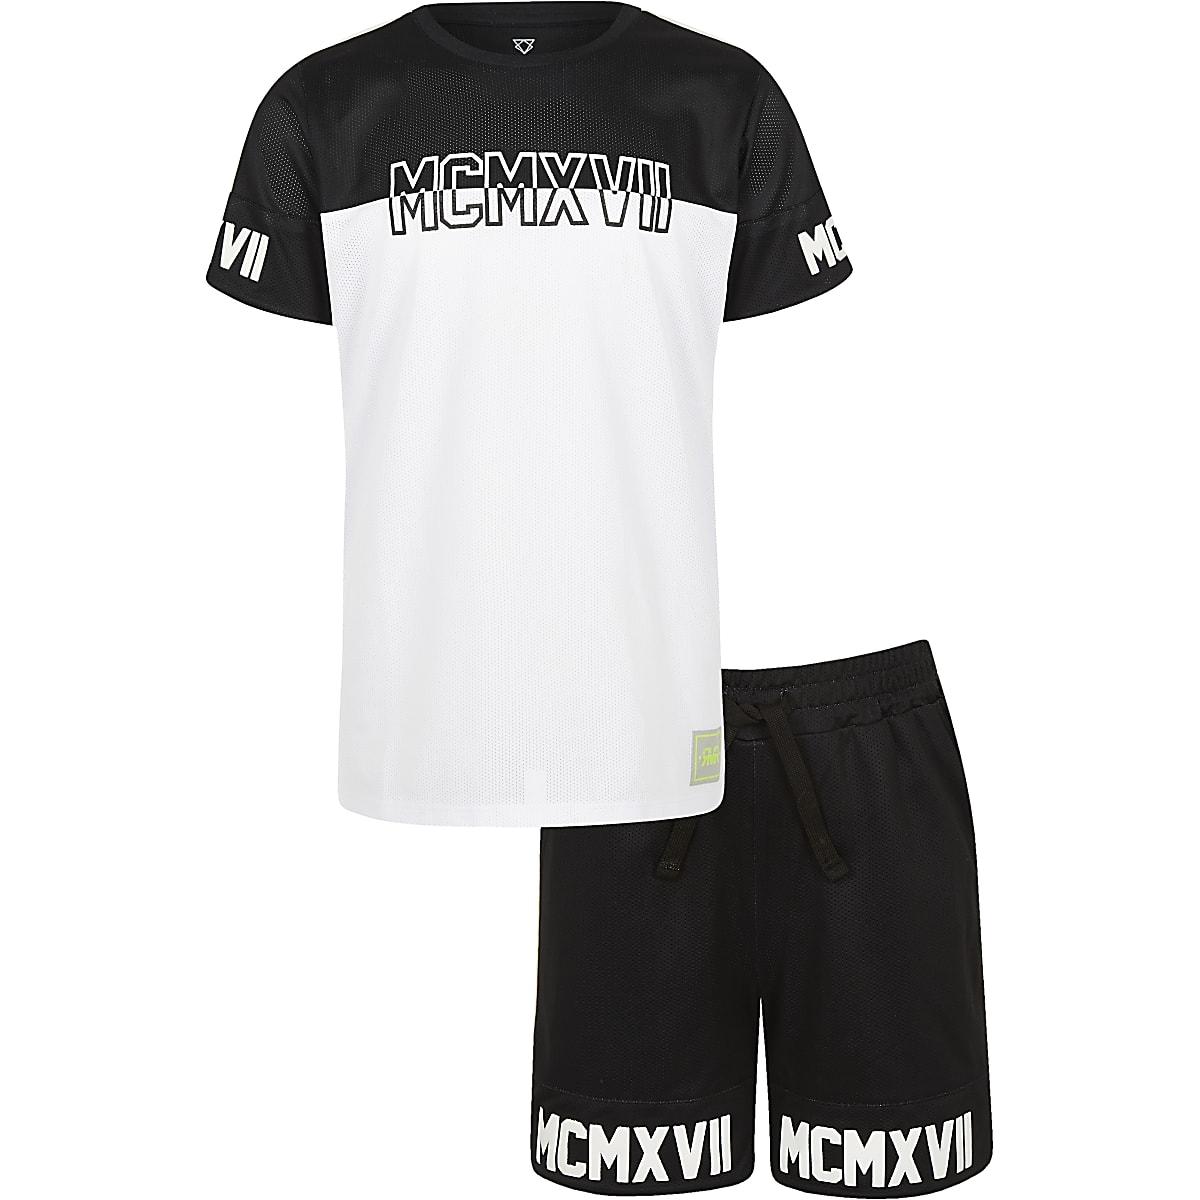 Outfit mit schwarzem T-Shirt mit Print